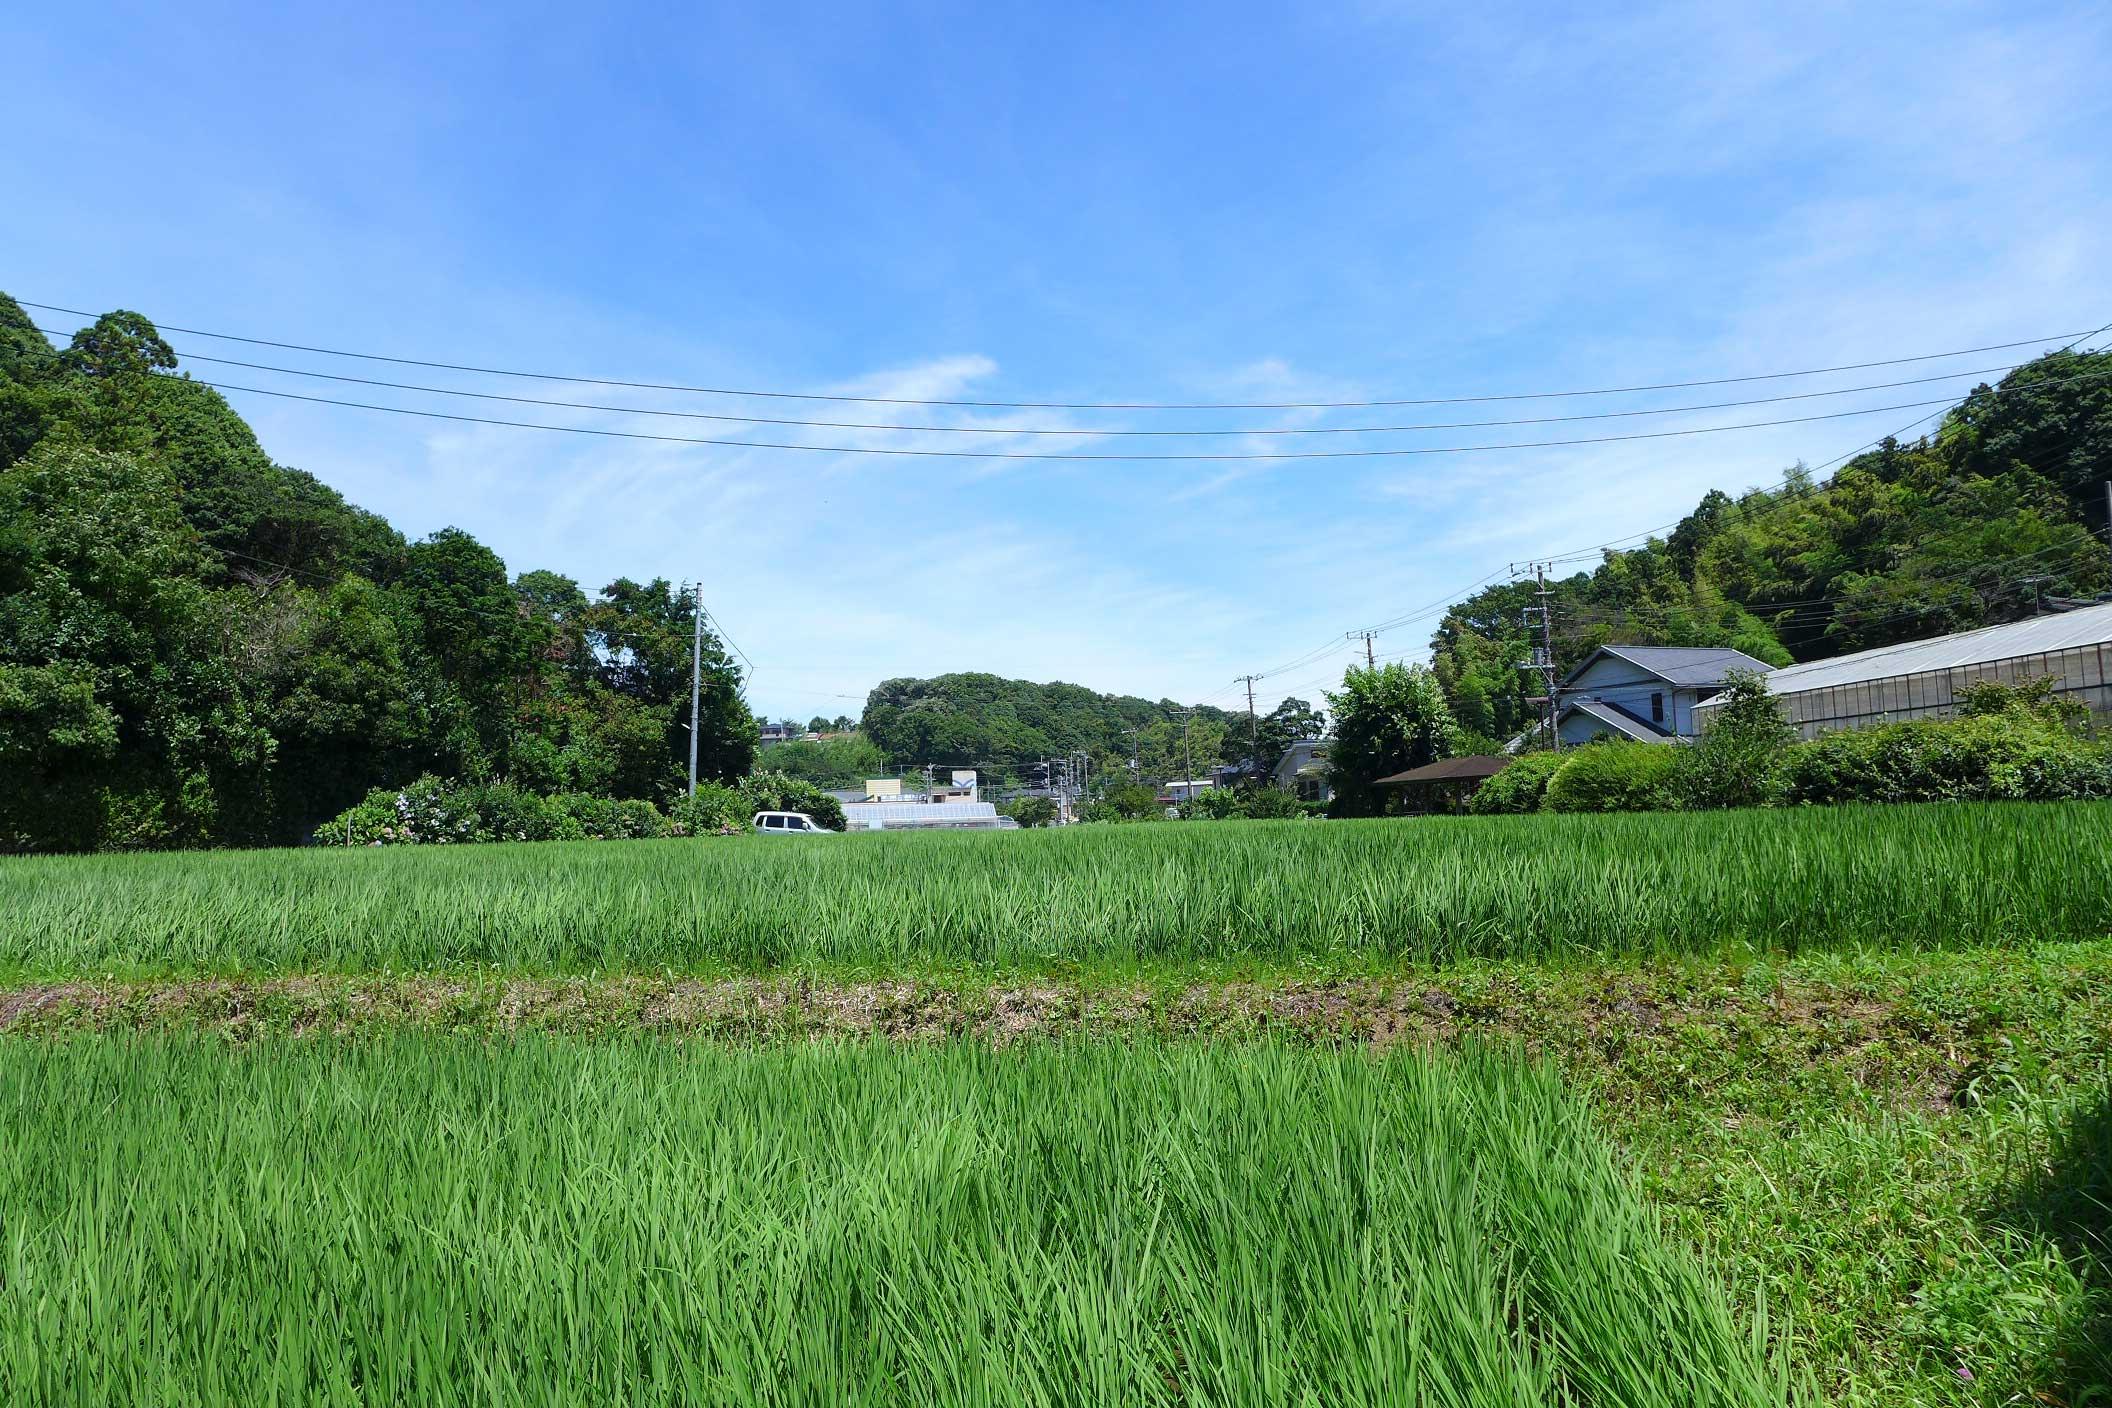 田んぼの風景 - 2015年7月13日